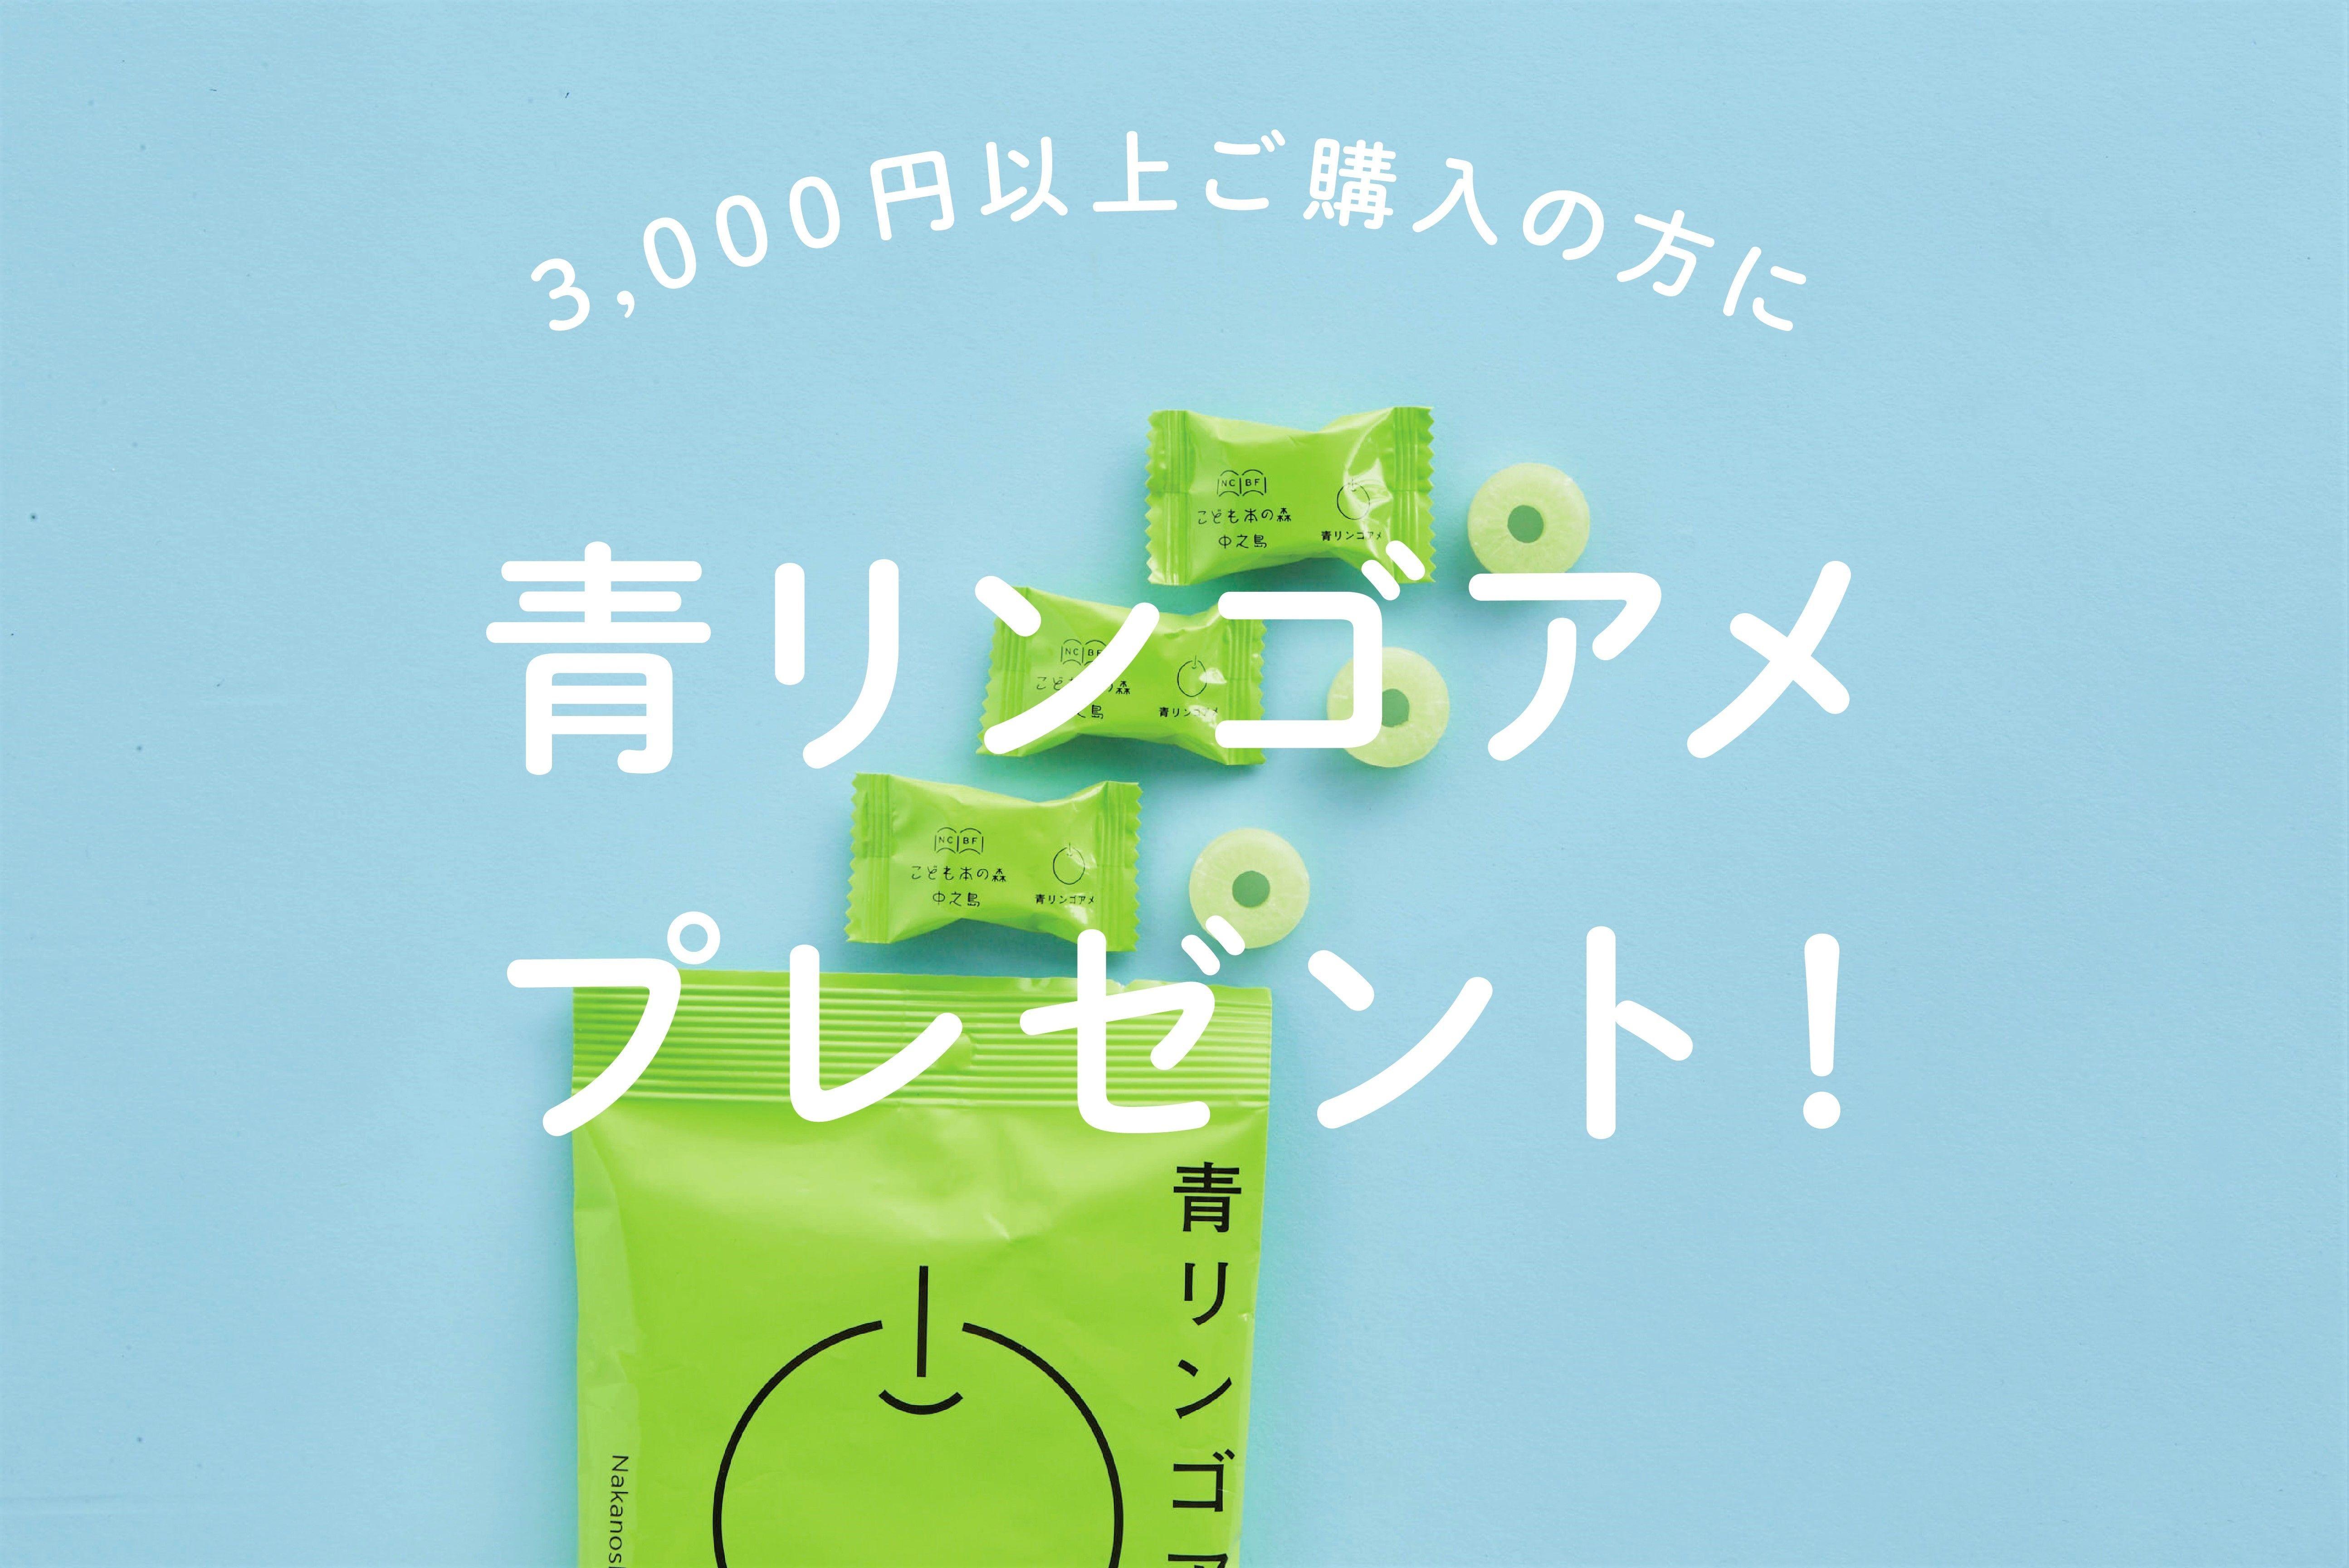 青リンゴアメ プレゼント!